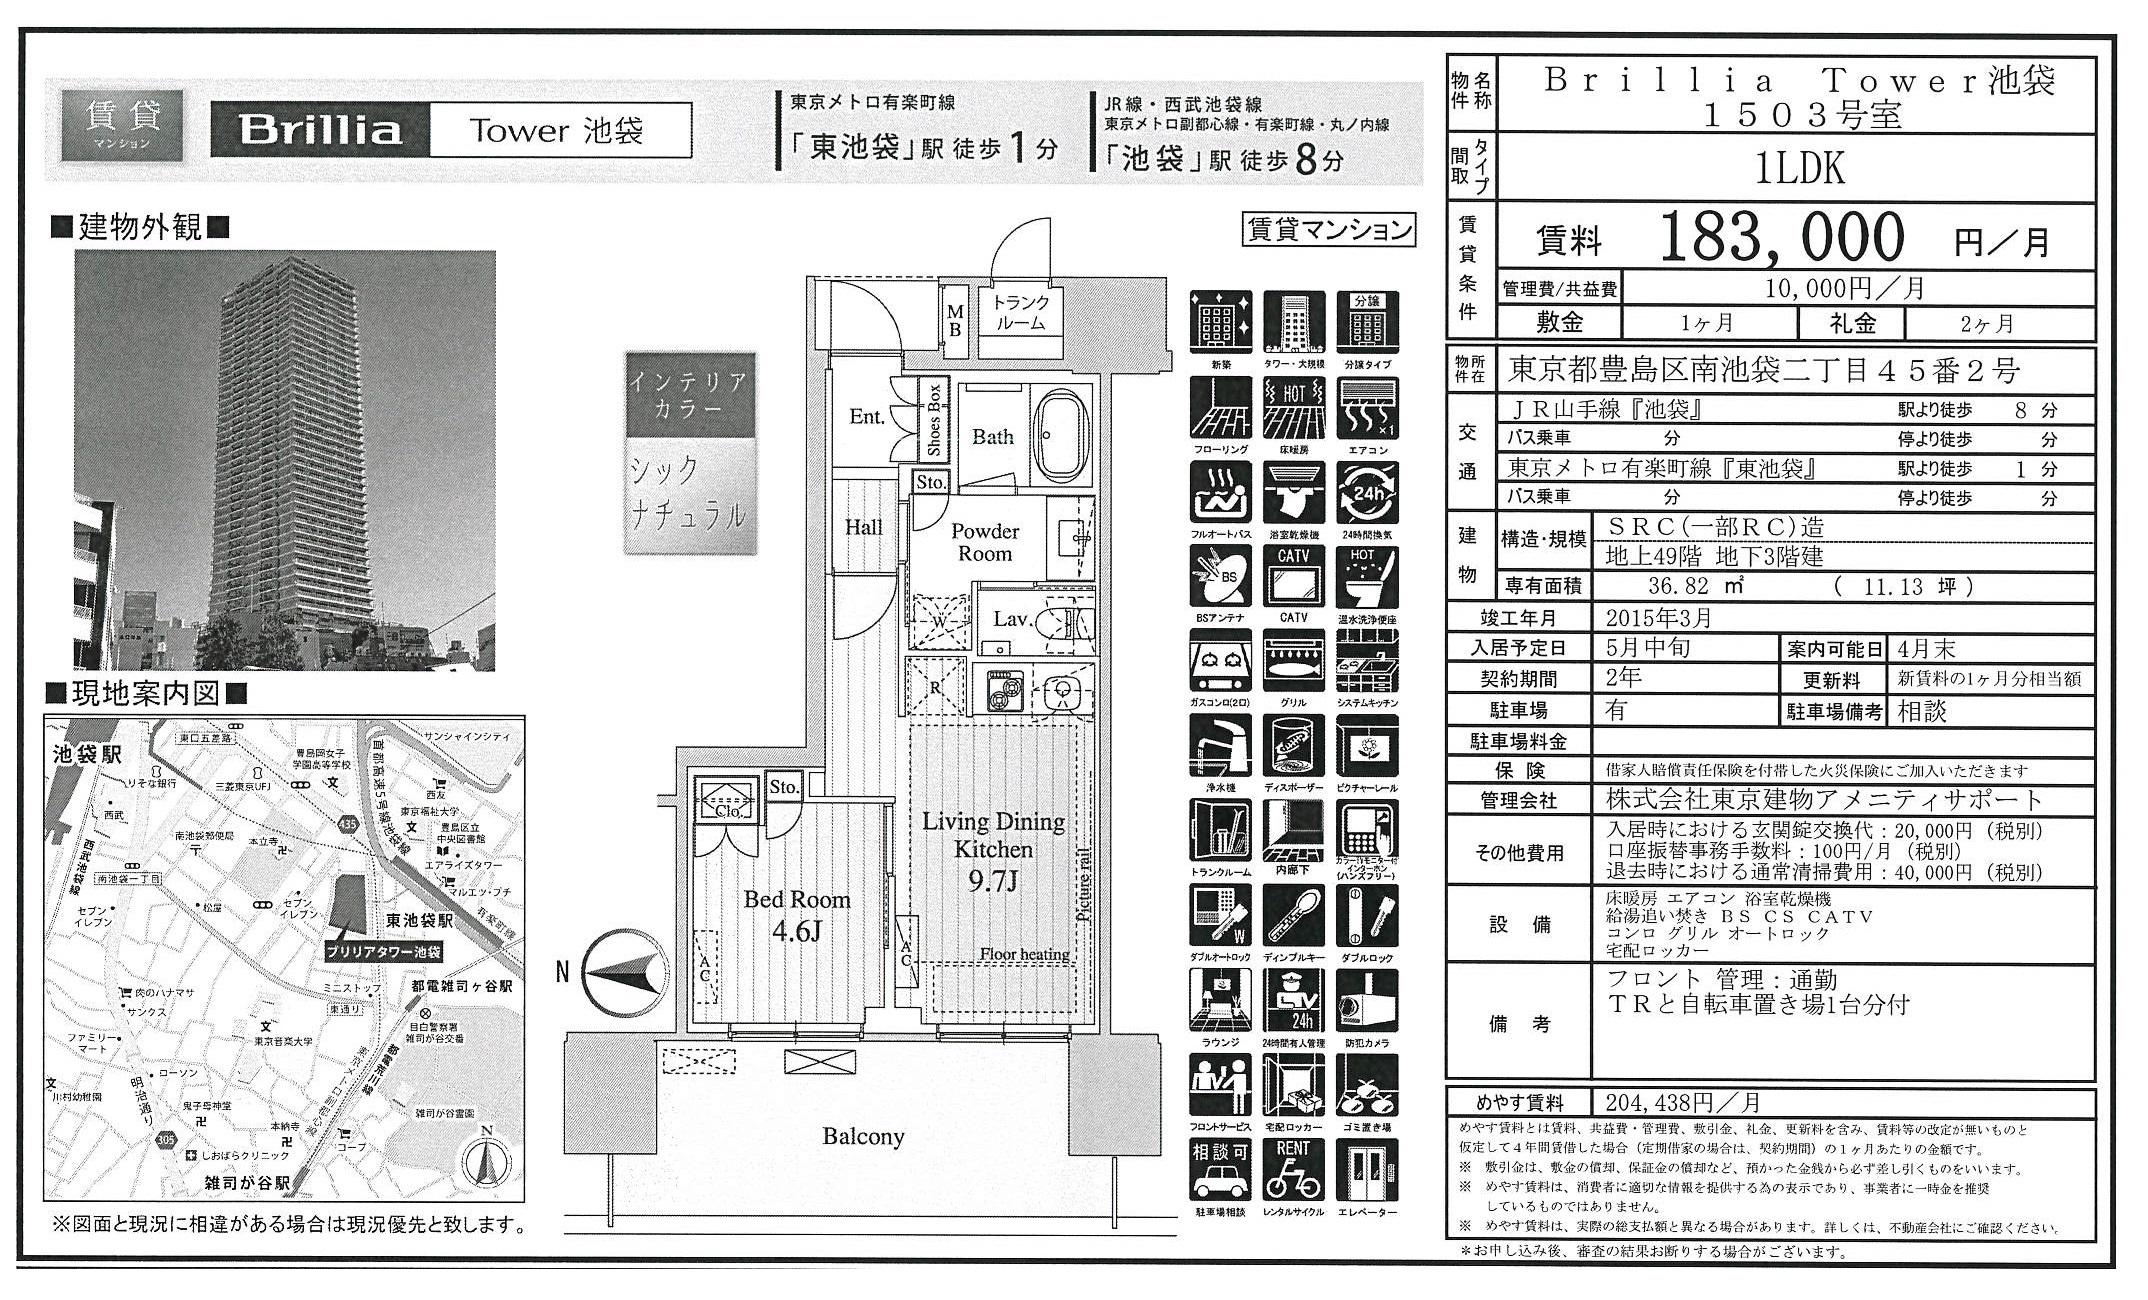 ブリリアタワー池袋図面1503号室